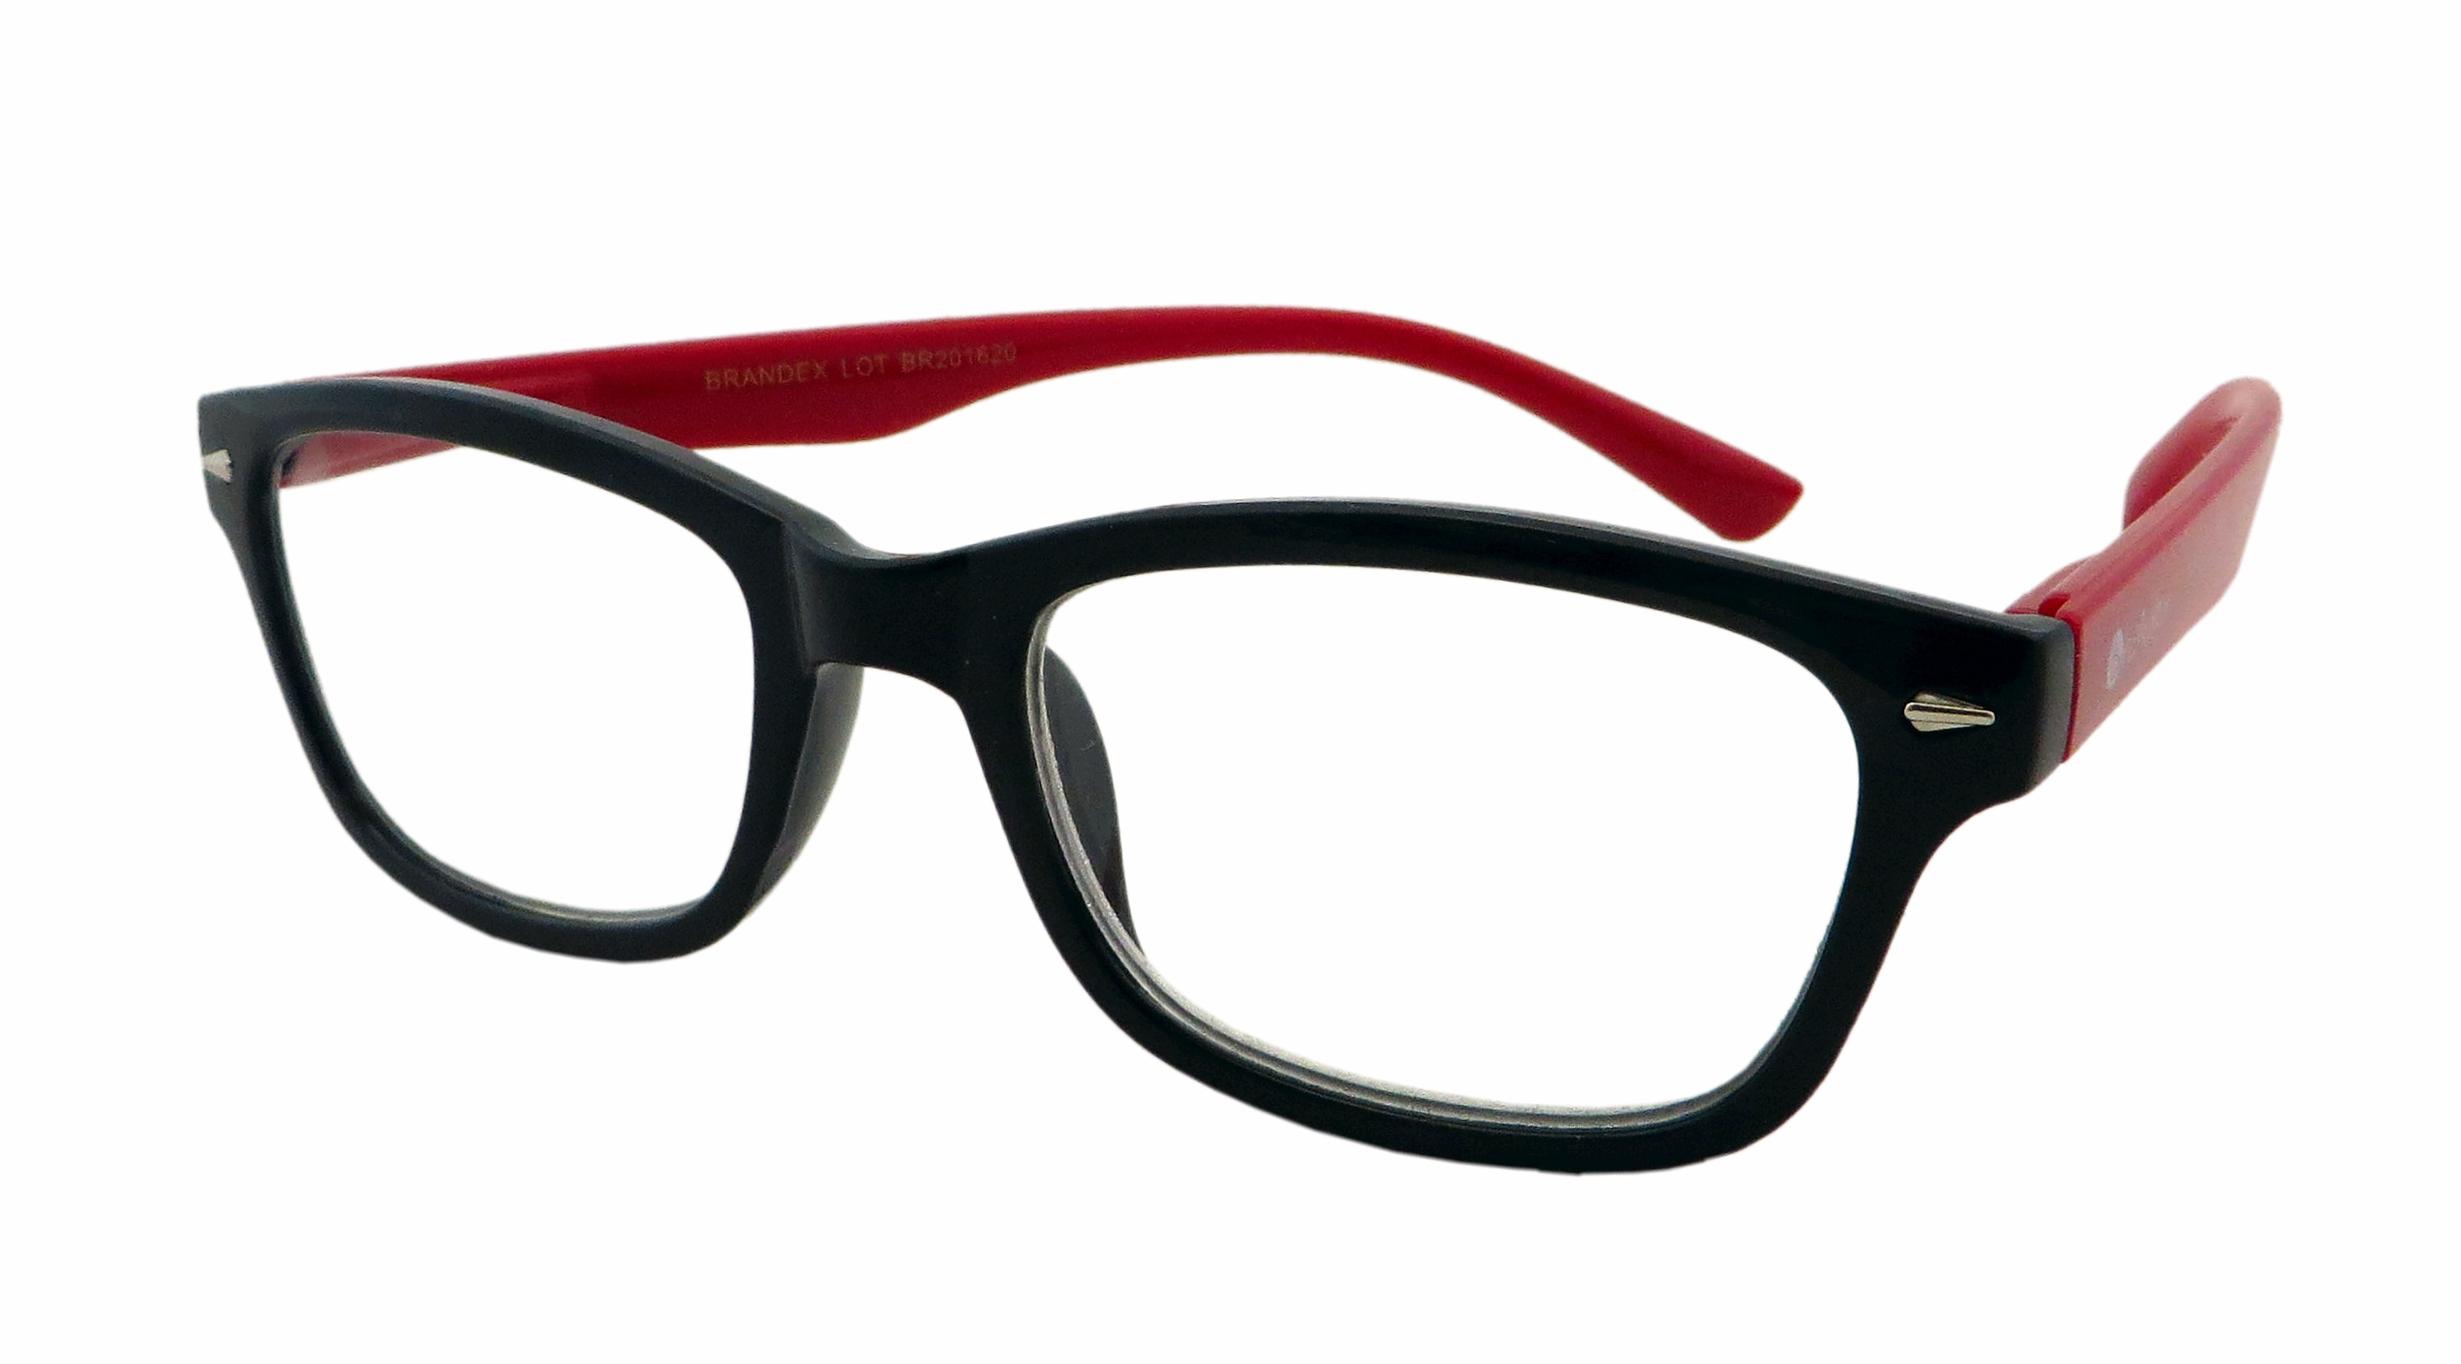 Modele okularów przeciwsłonecznych: Nerdy